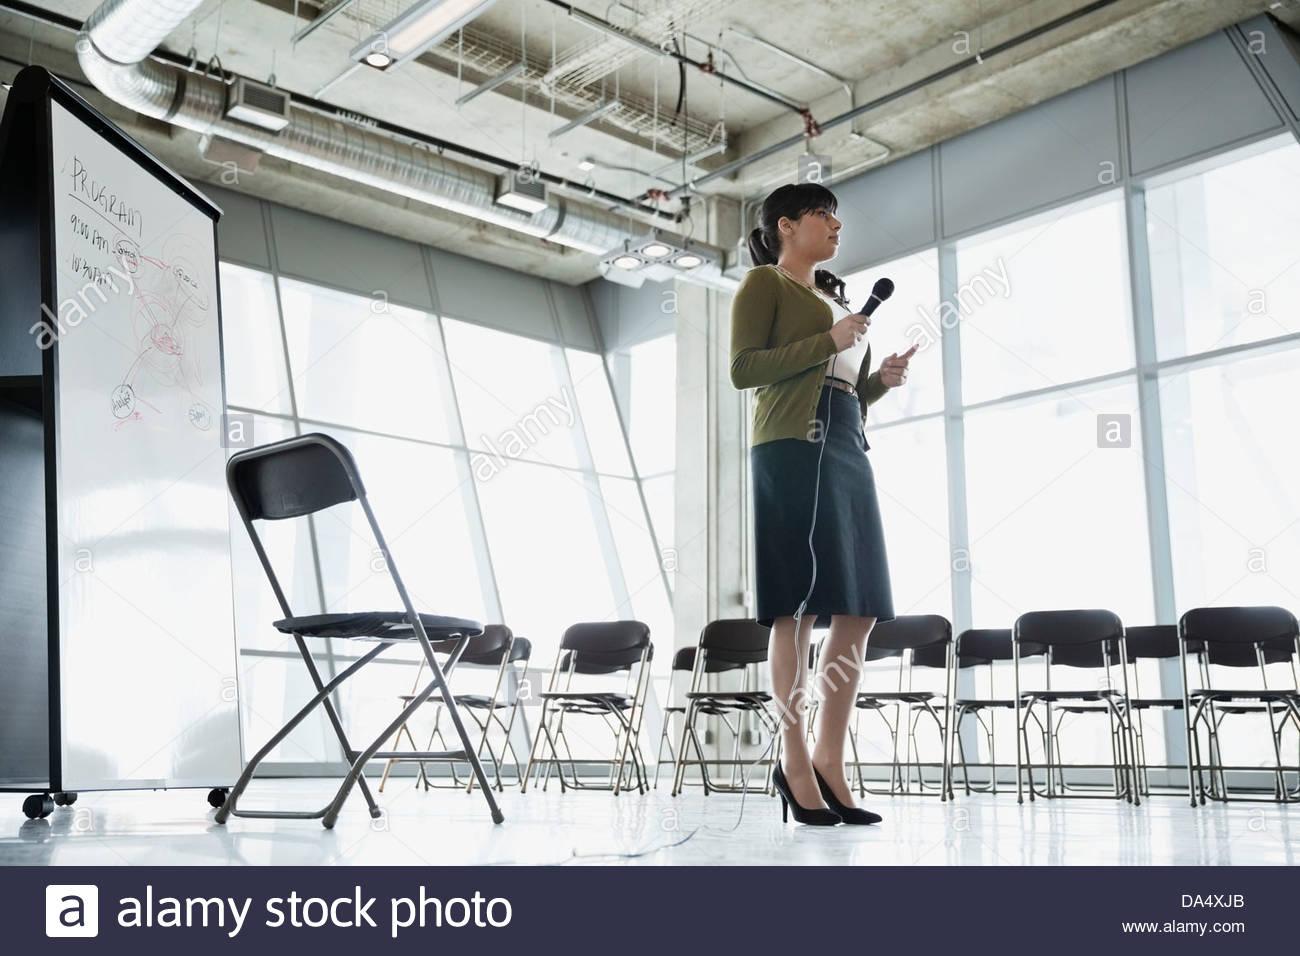 Businesswoman in office building présentation pratique Photo Stock